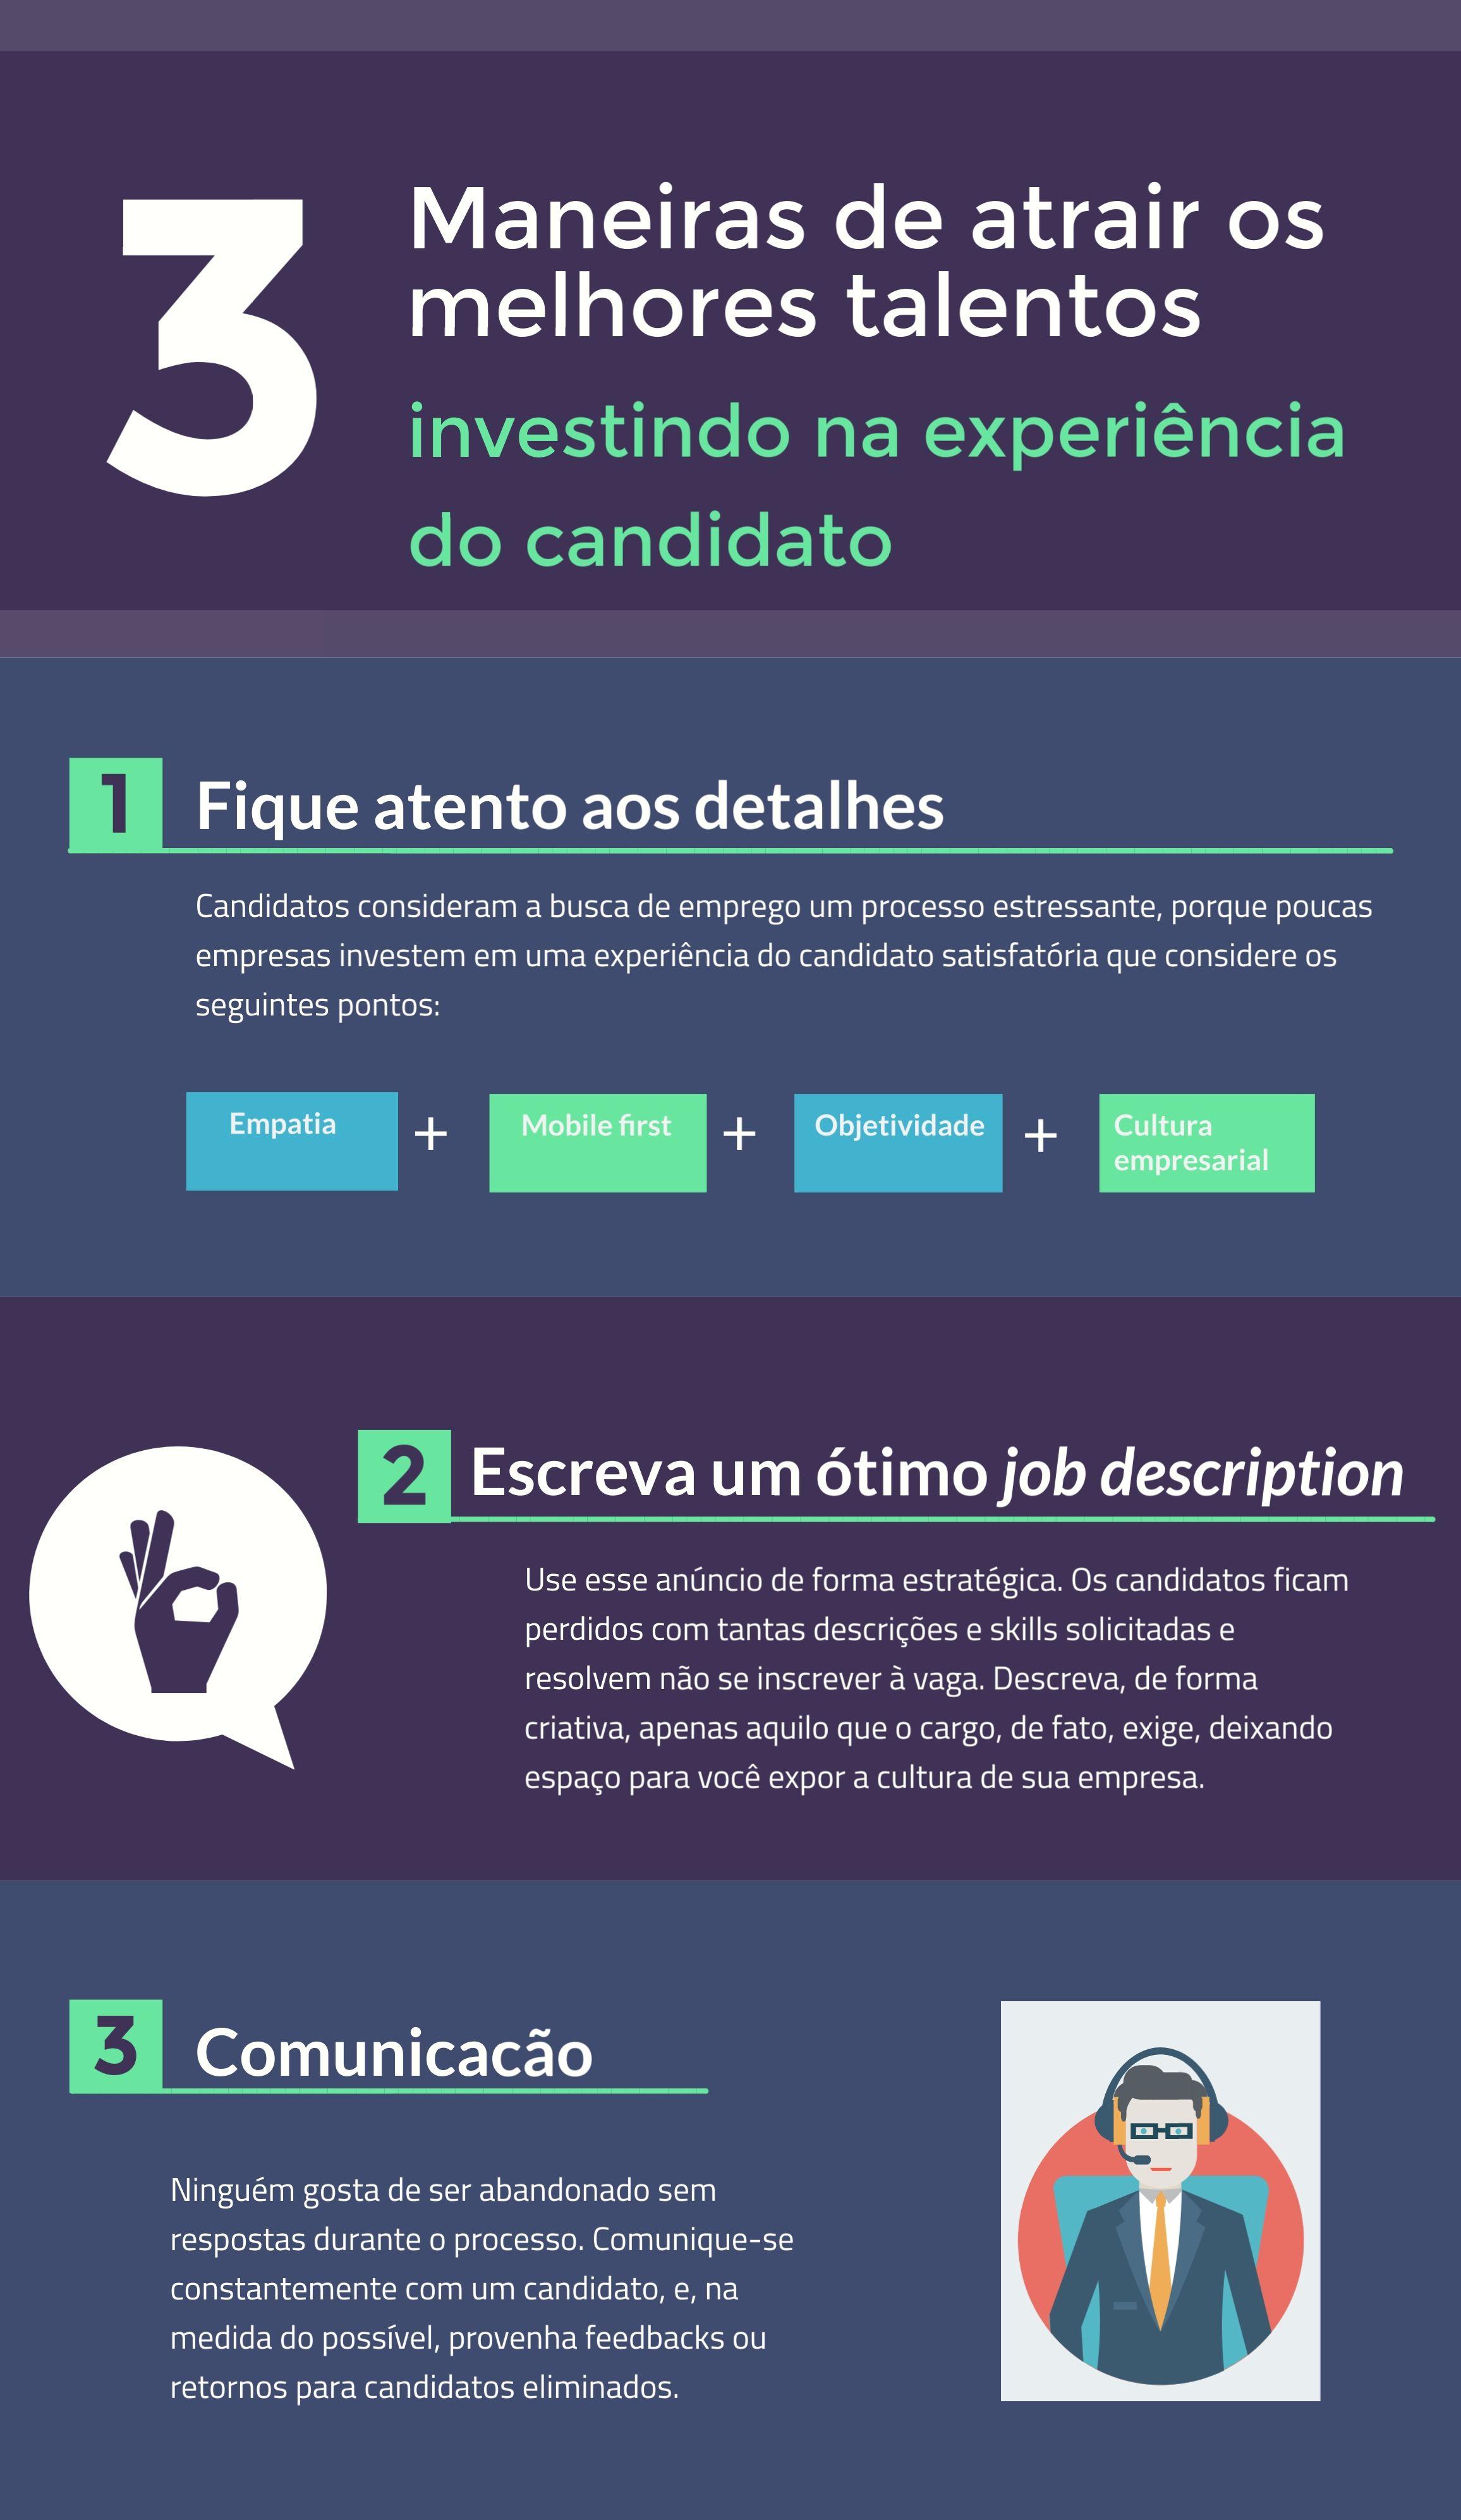 Infográfico descreve três maneiras de atrair os melhores talentos investindo na experiência do candidato